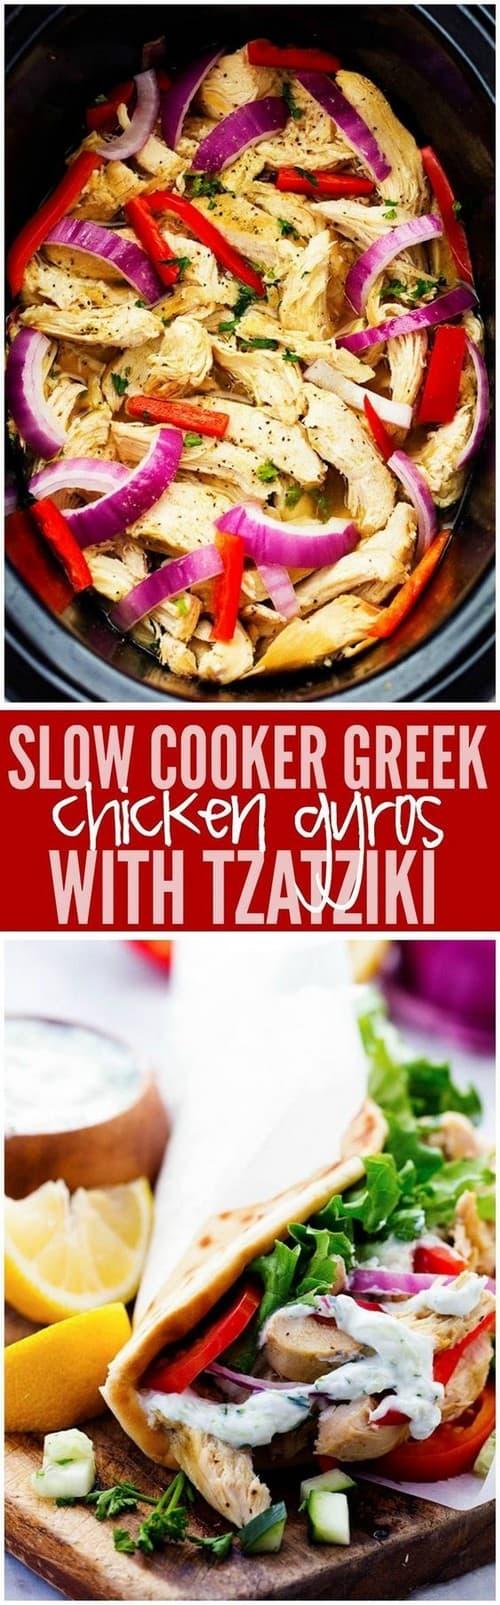 Mediterranean Slow Cooker Greek Chicken Gyros with Tzatziki